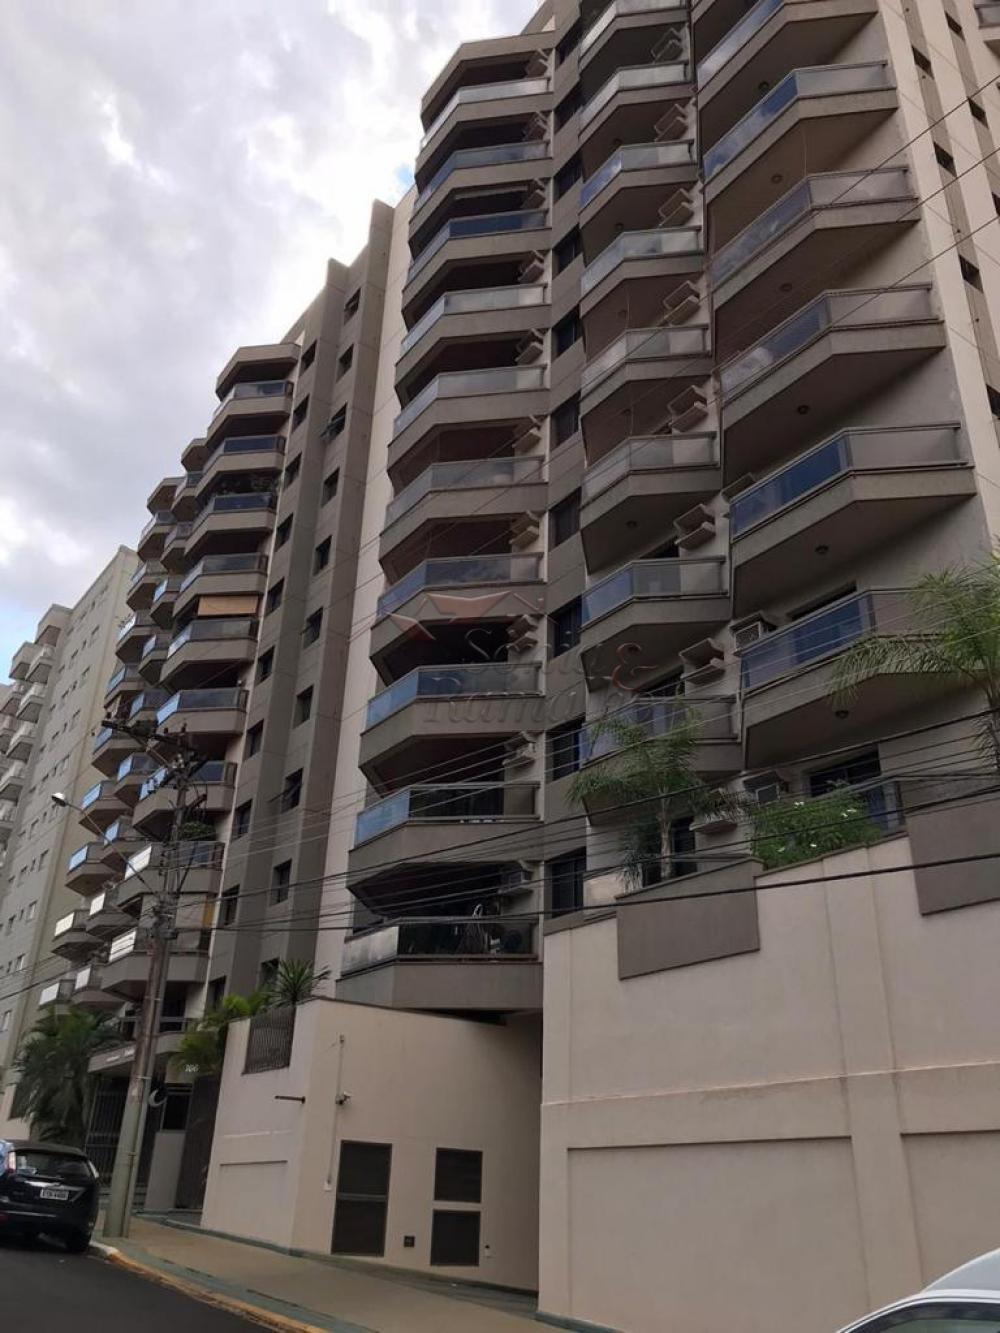 Comprar Apartamentos / Padrão em Ribeirão Preto R$ 460.000,00 - Foto 1